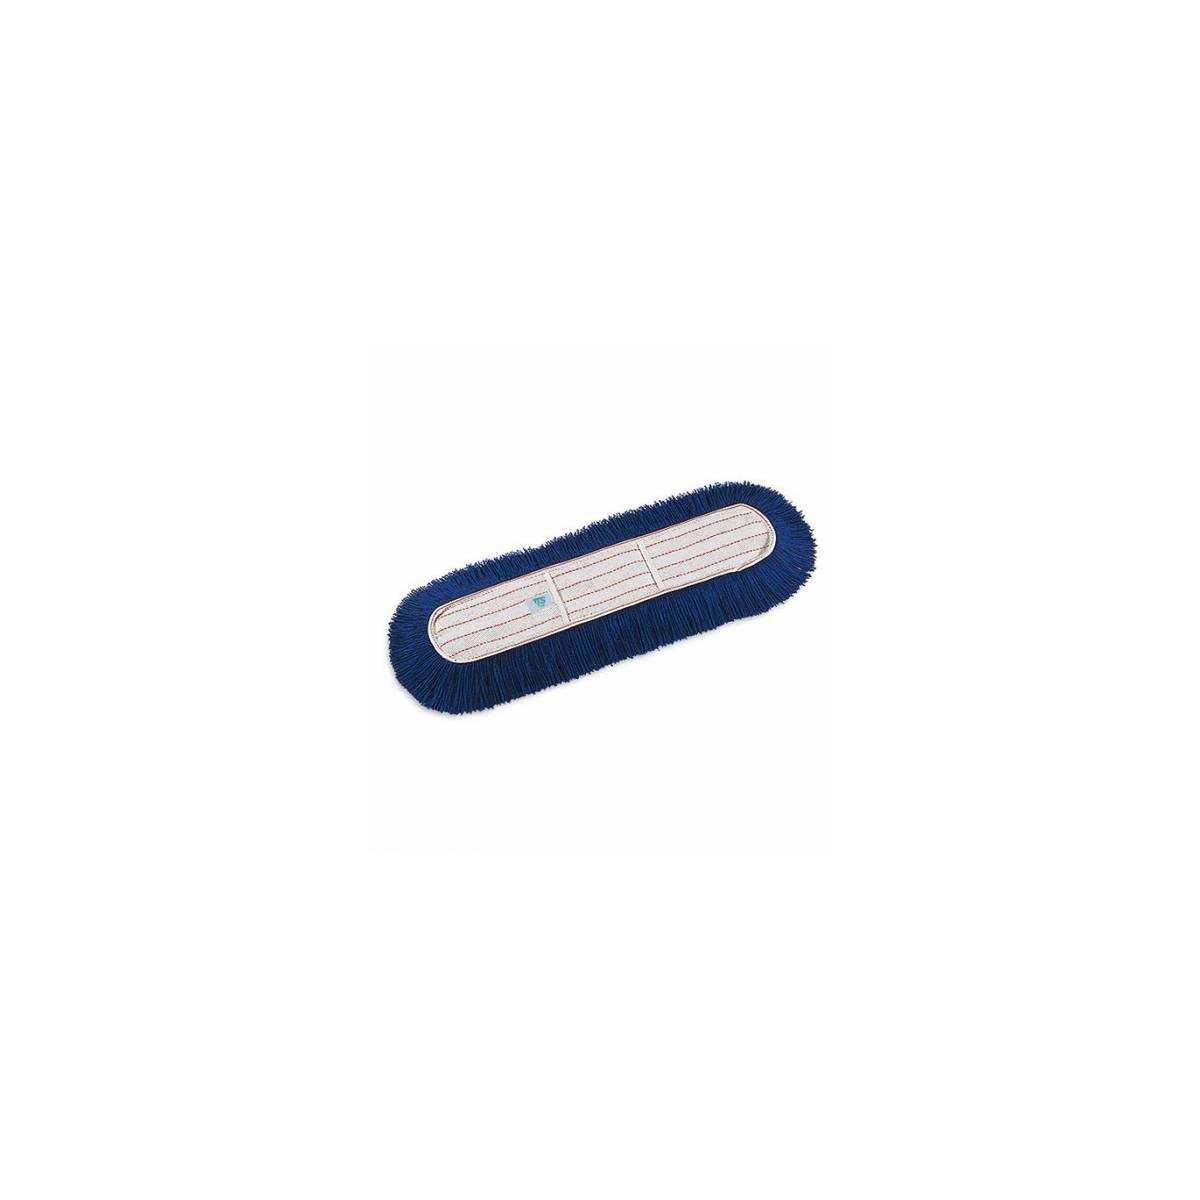 Моп (запаска) для сухой уборки акрил 80см Middle Acrilico 00000143 TTS